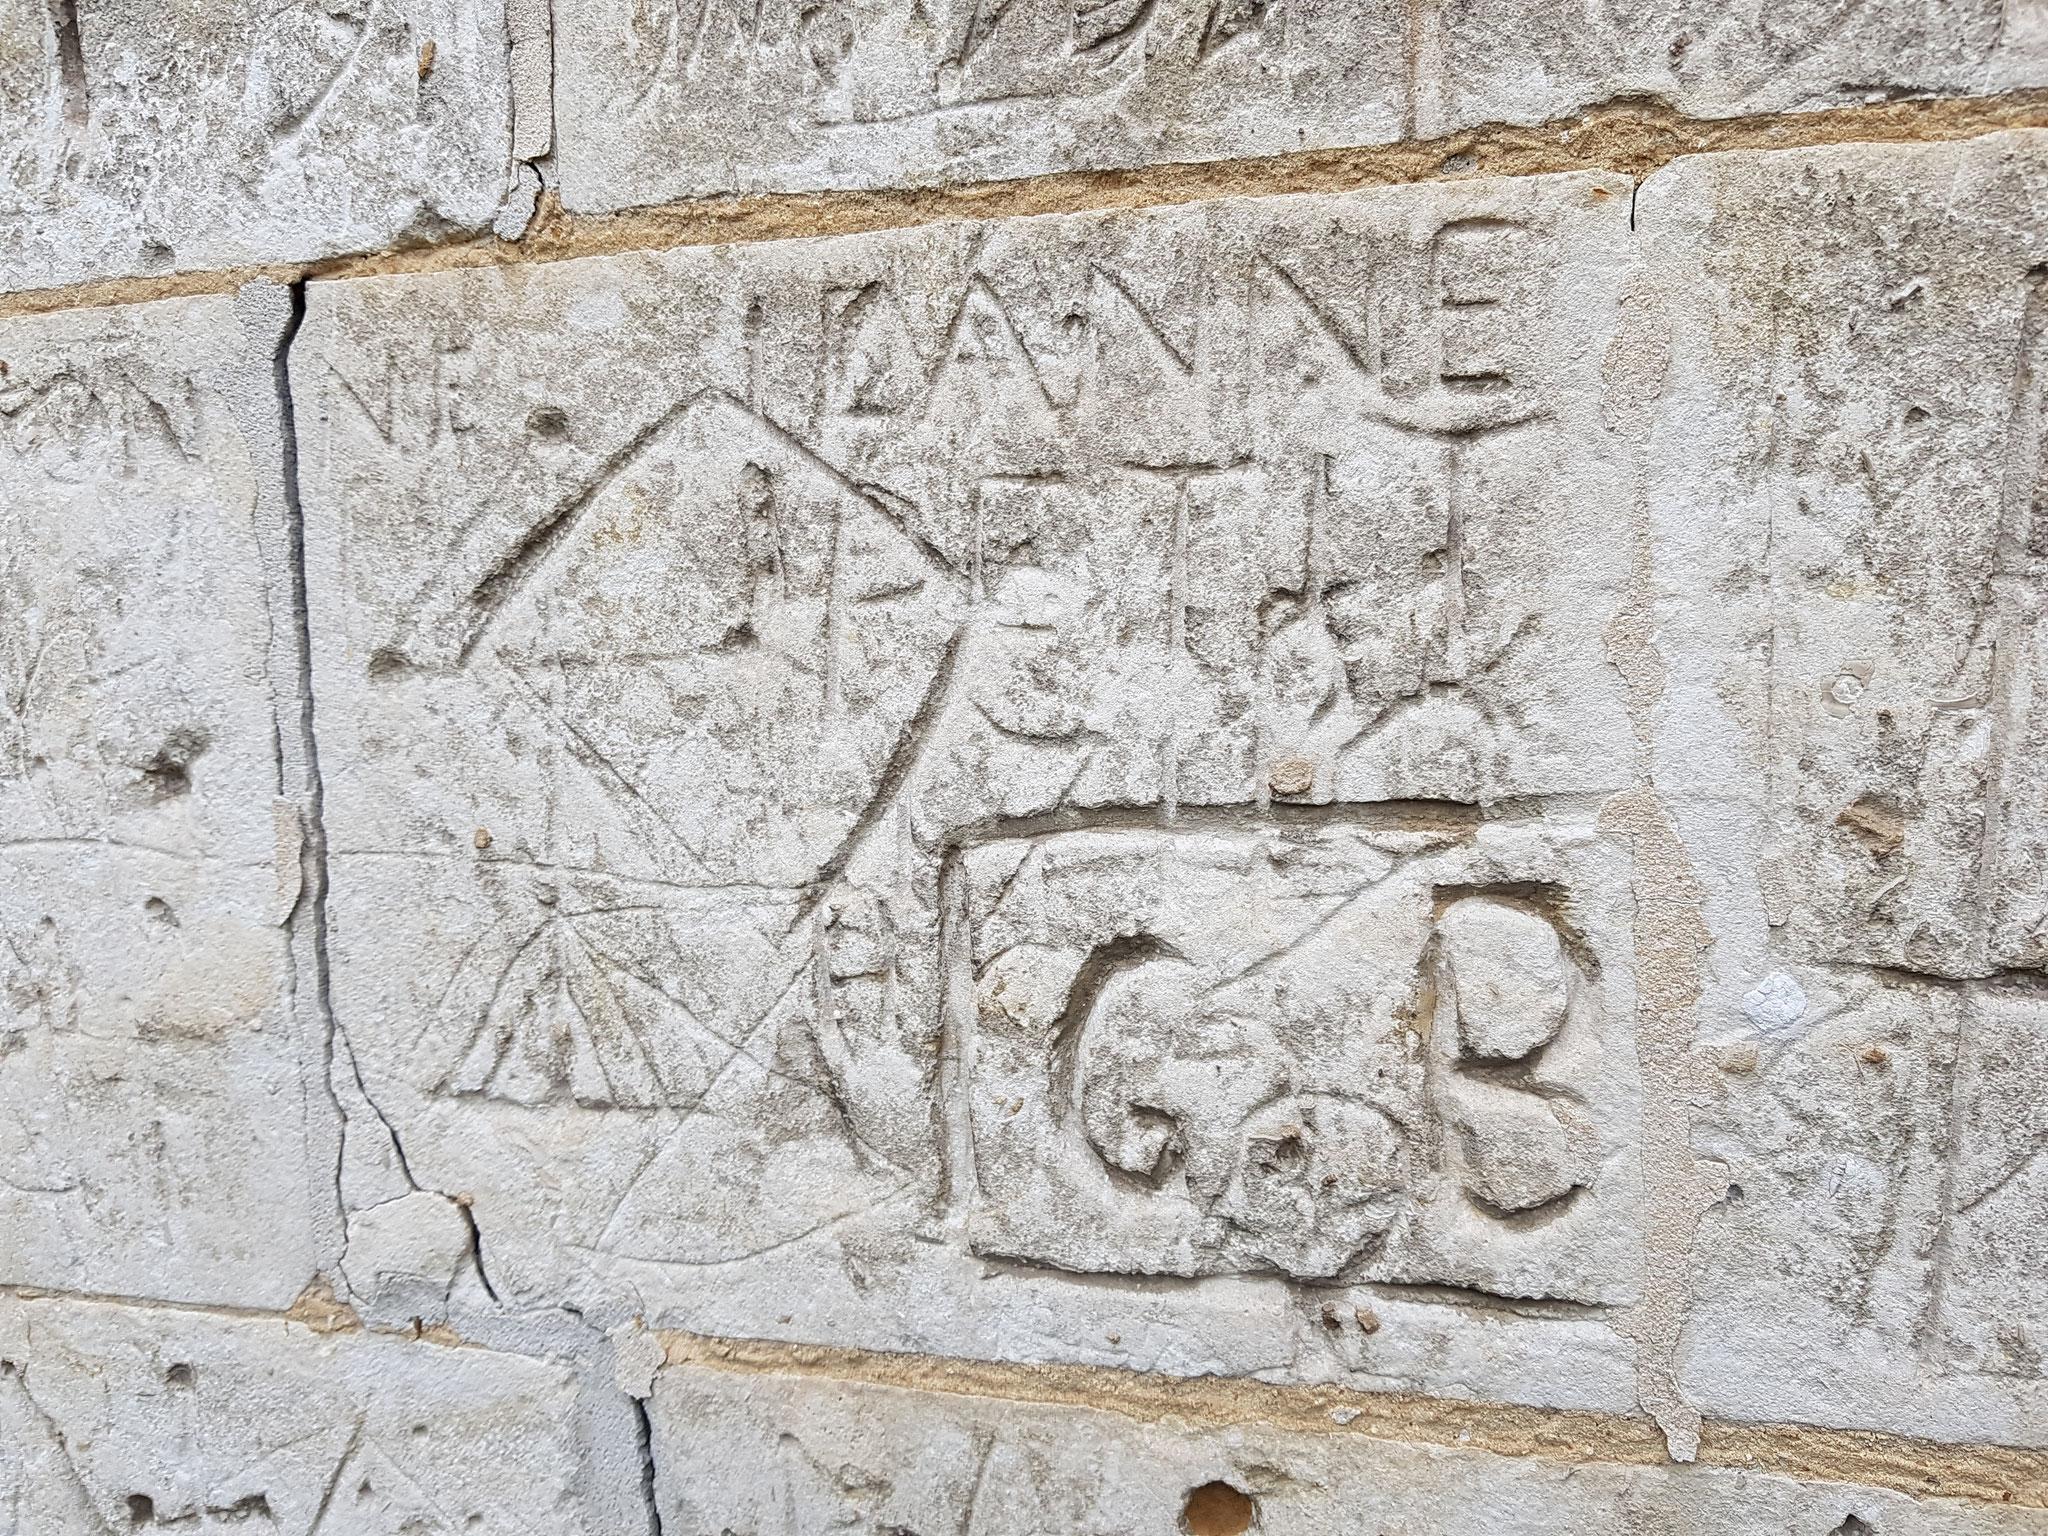 Graffitis sur l l'église de Frohen-sur-Authie